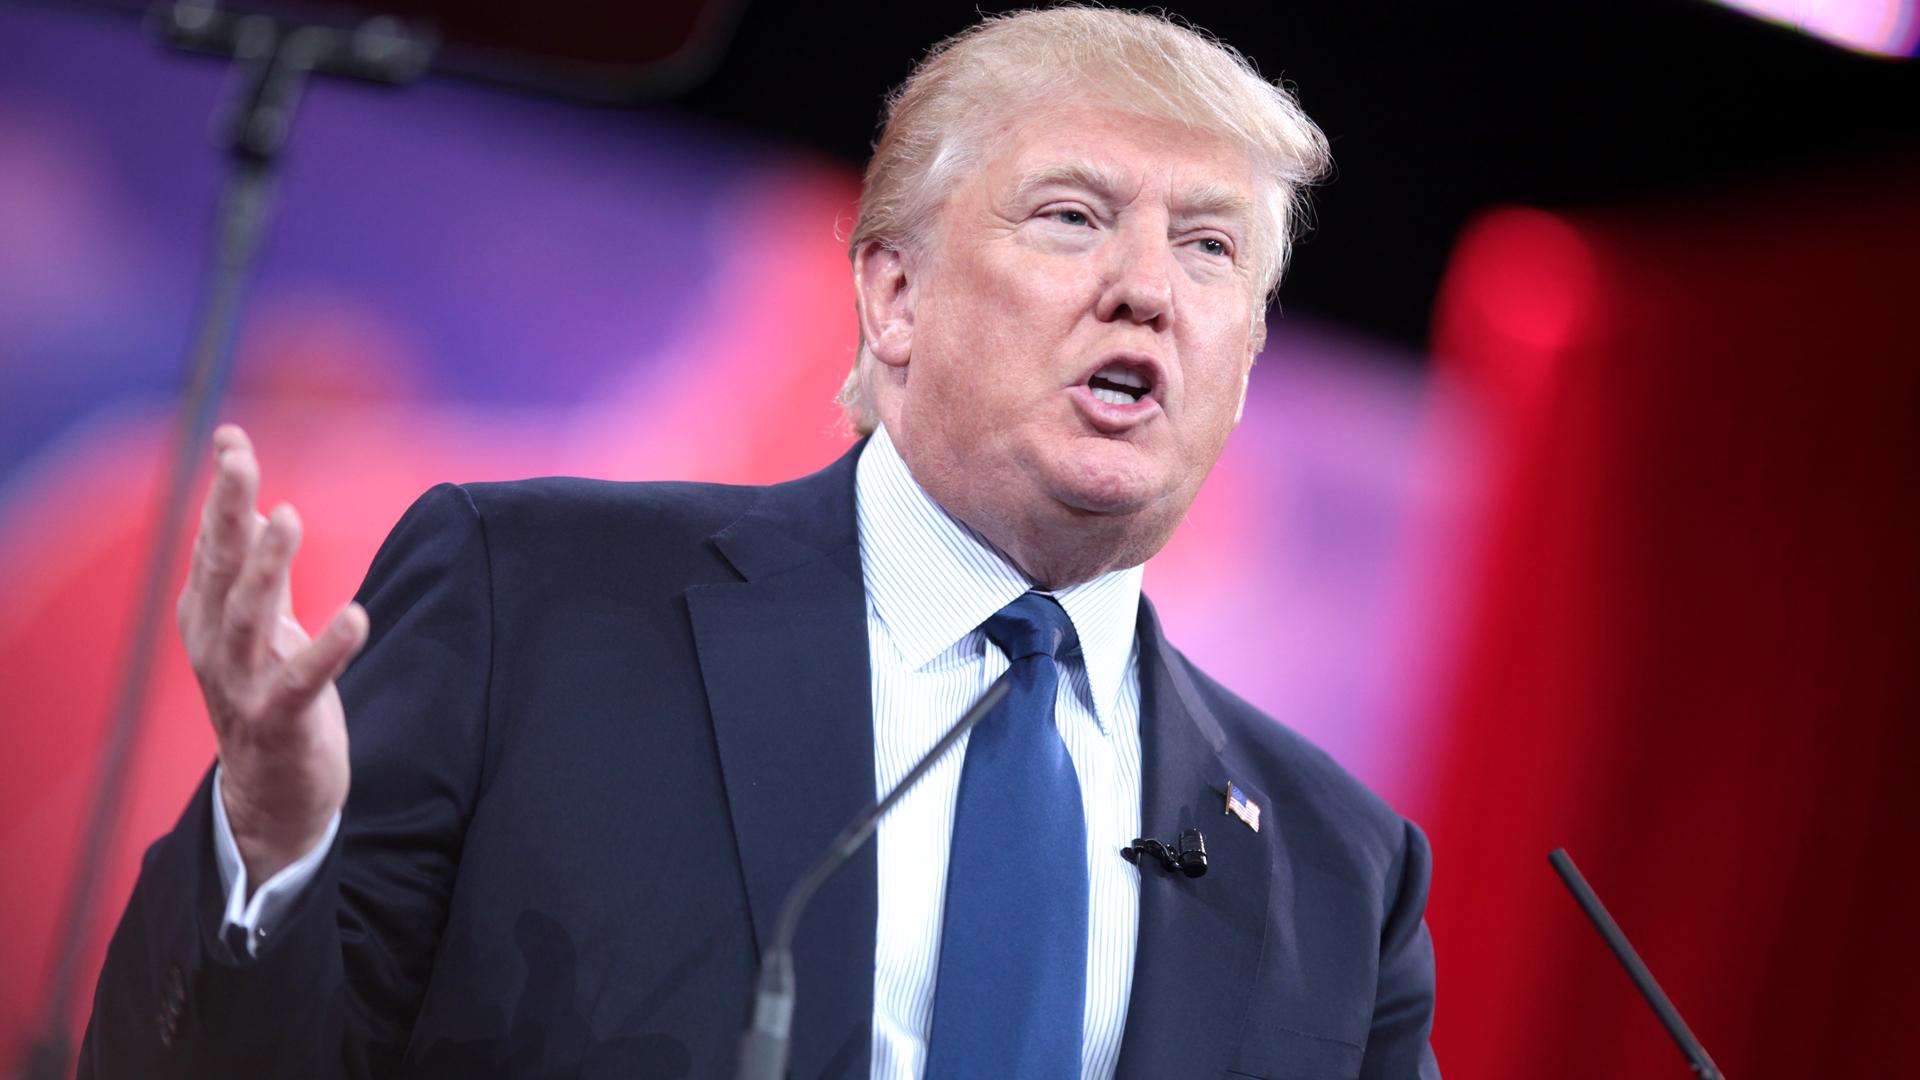 Das Atomabkommen mit dem Iran ist nicht der erste internationale Vertrag, aus dem US-Präsident Donald Trump aussteigt. Das Pariser Klimaabkommen hat er ebenfalls aufgekündigt.